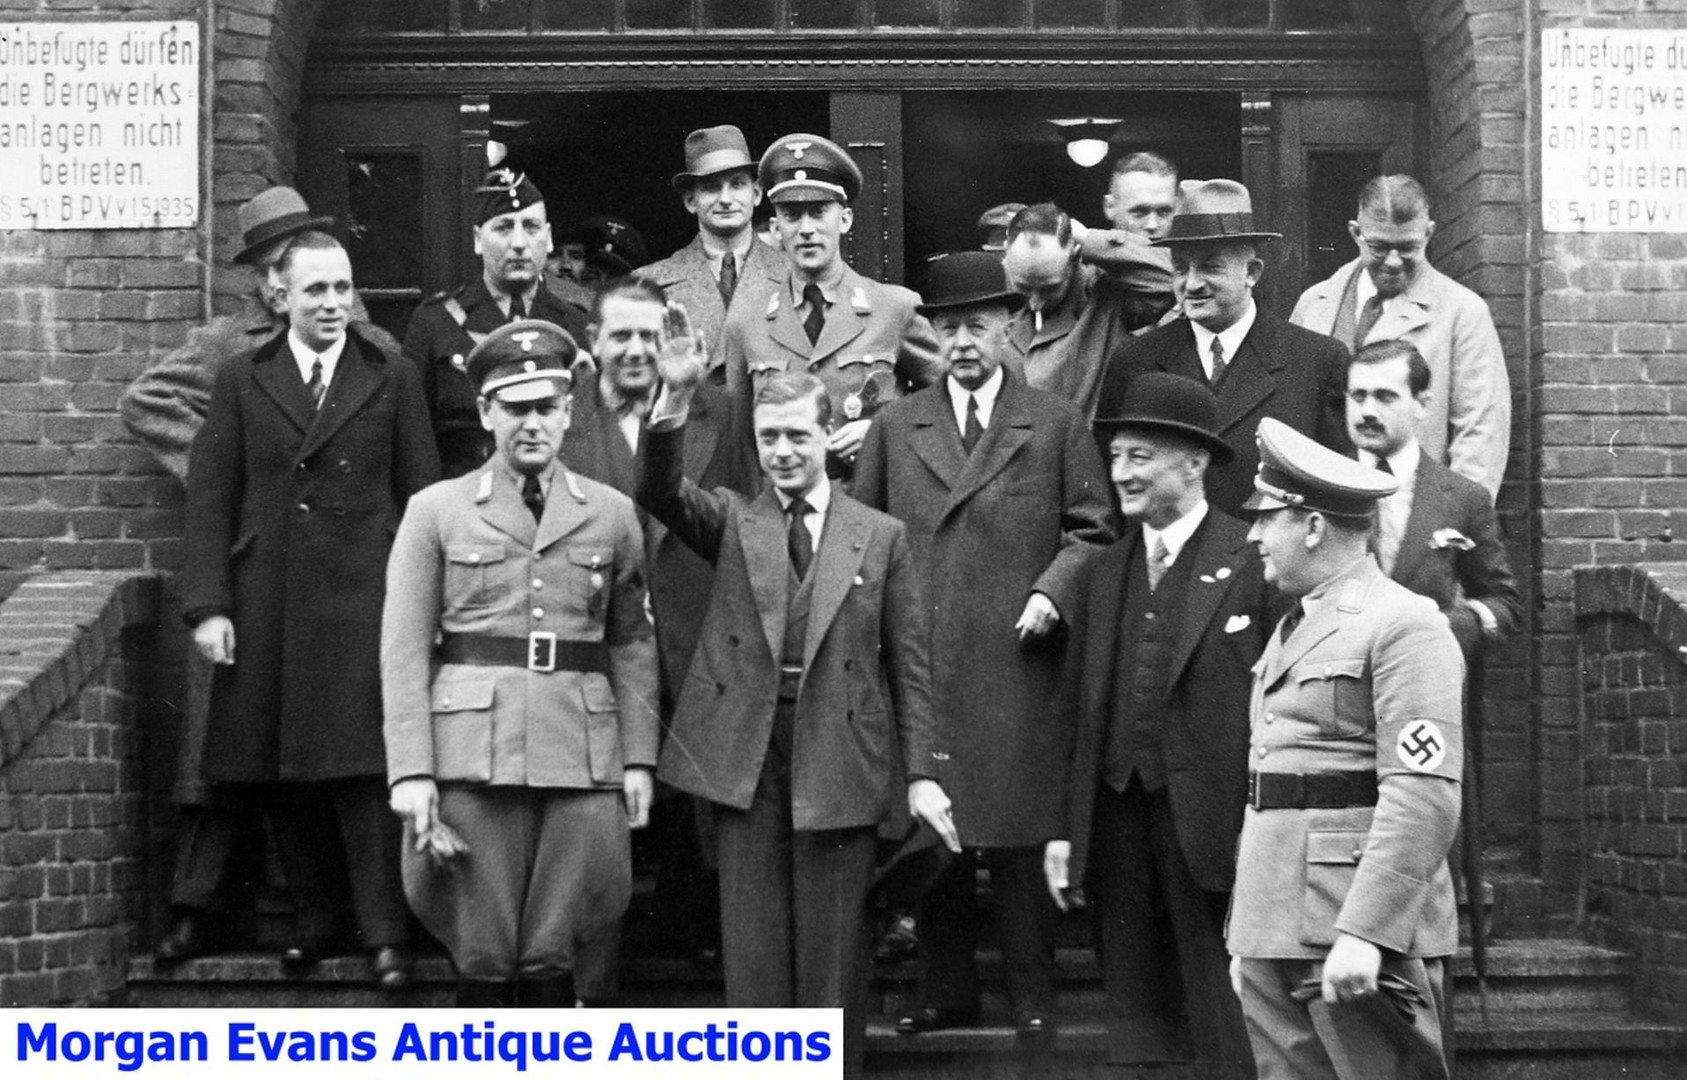 Edward VIII d'Angleterre faisant au salut Nazi au milieu de dignitaires du troisième Reich.